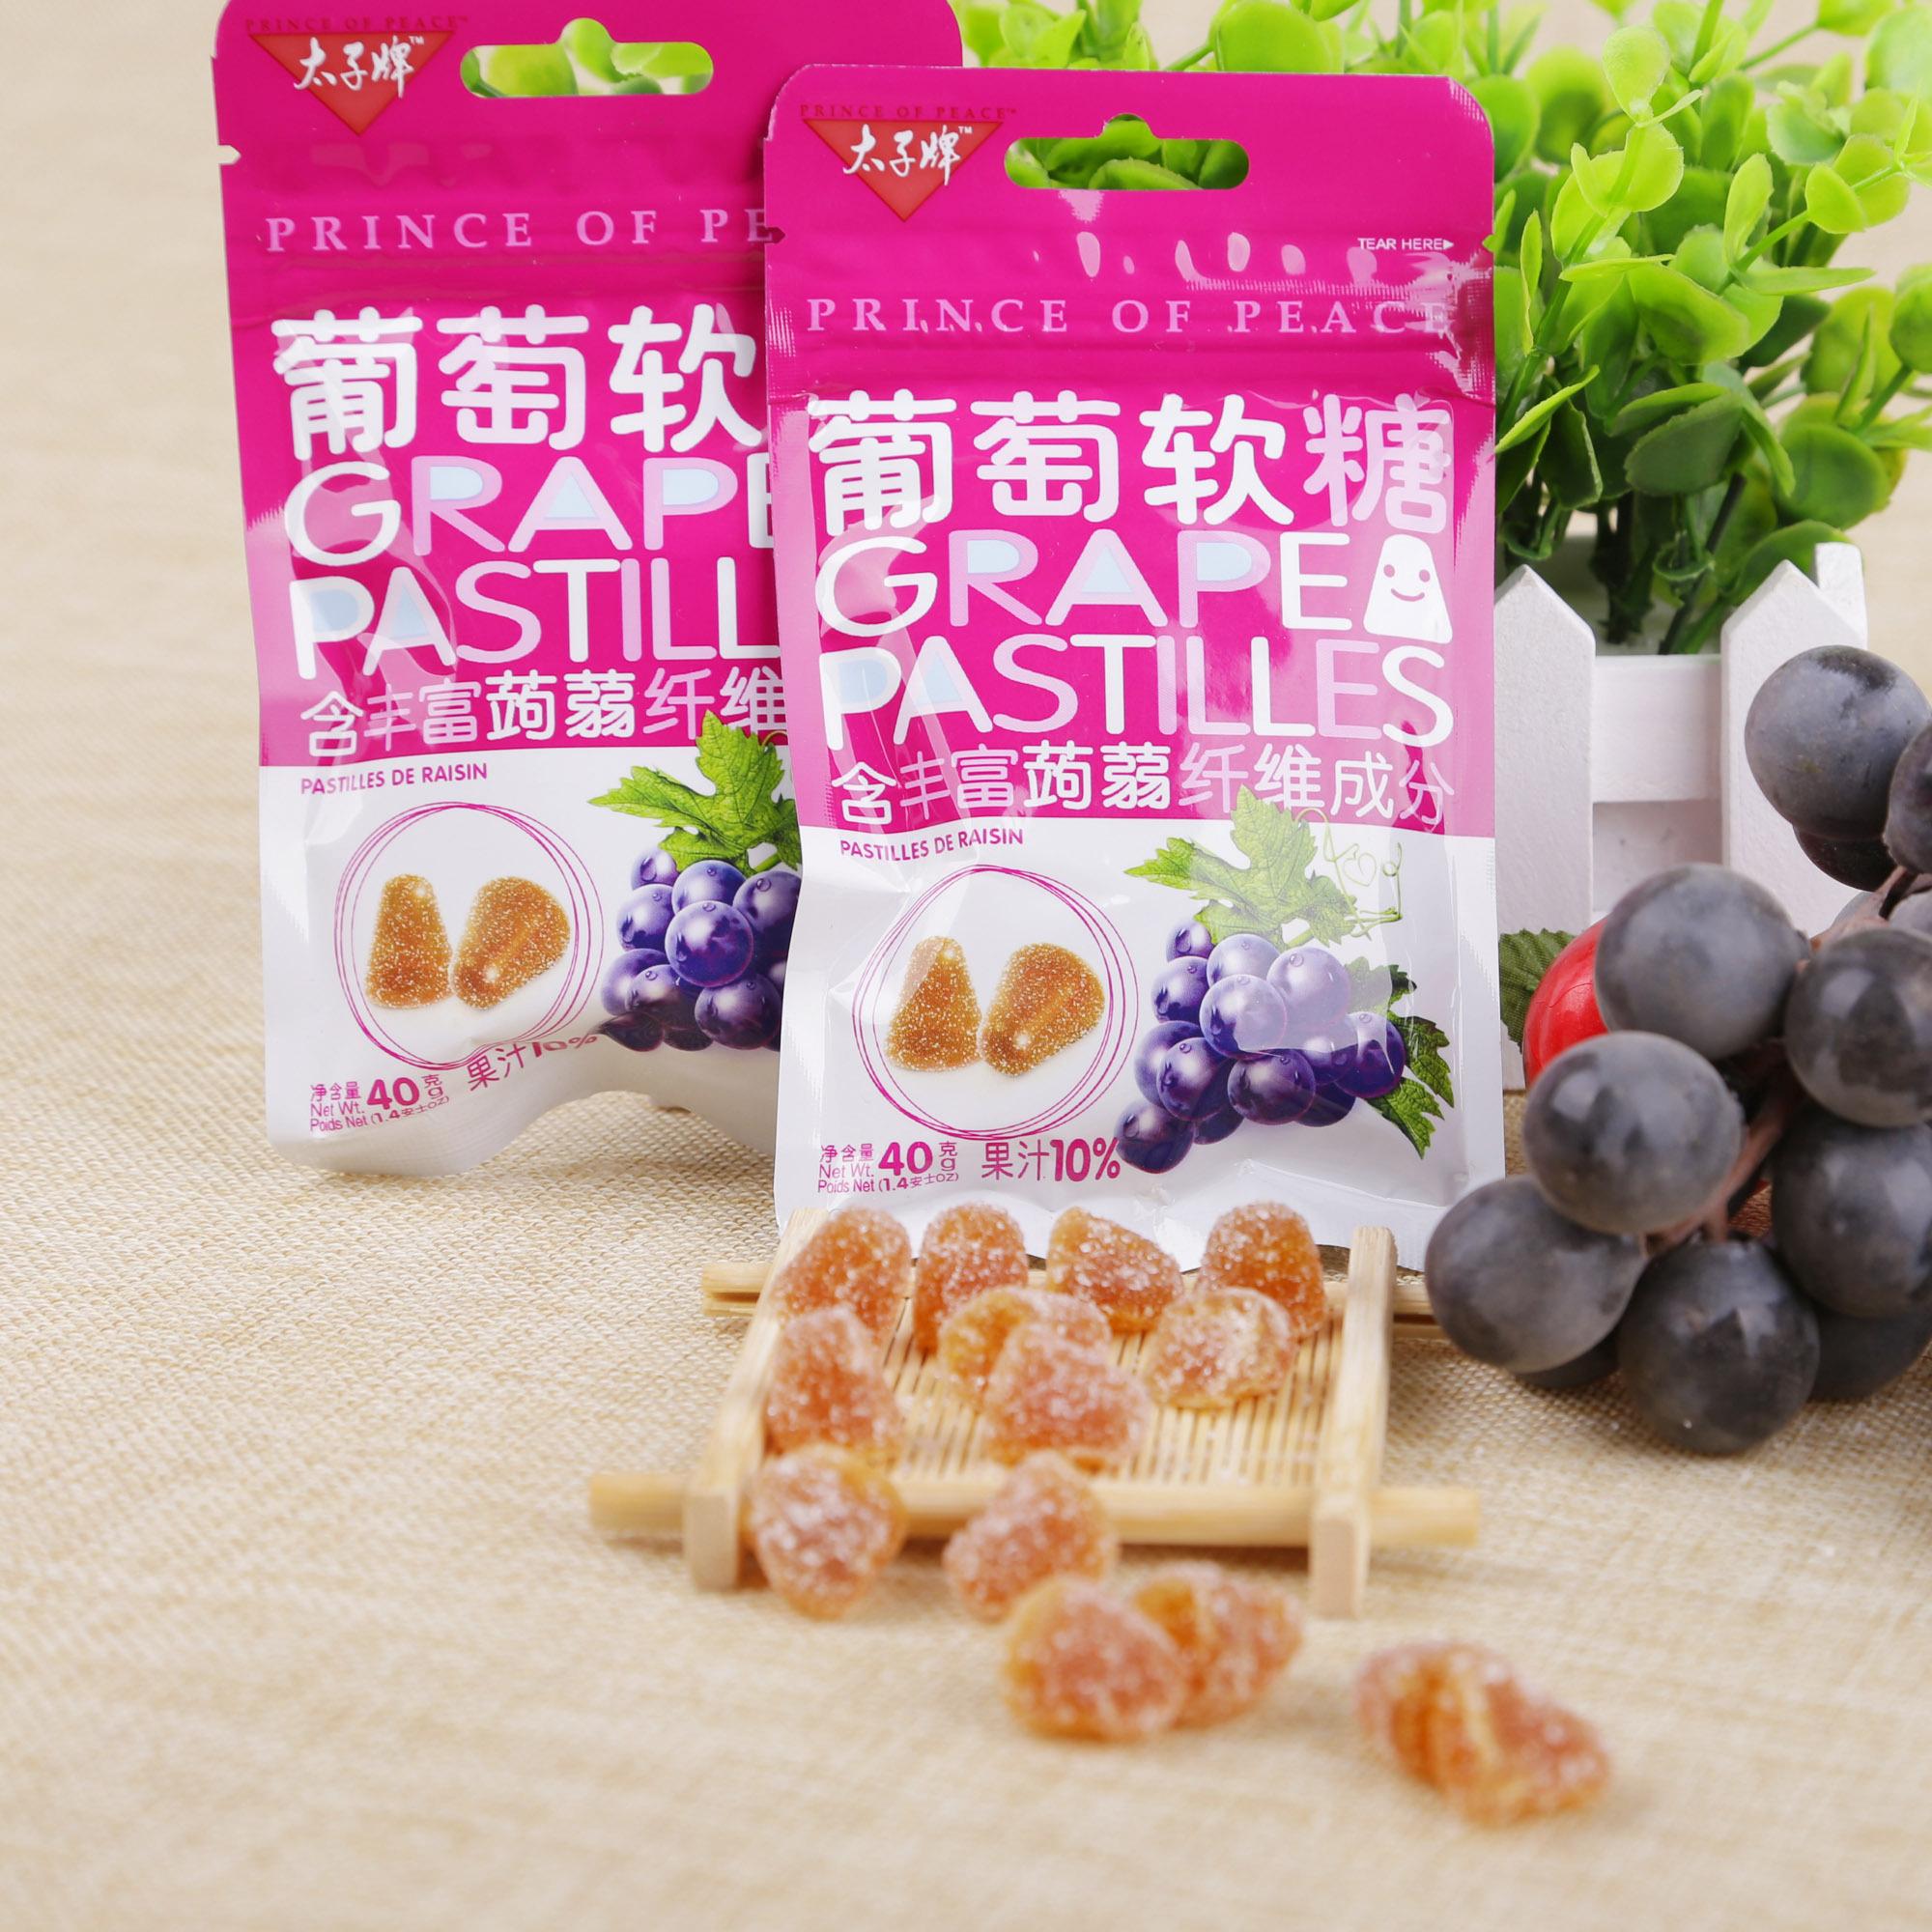 西大魔芋 葡萄软糖 含丰富蒟蒻纤维成分 好吃又能补充膳食纤维的葡萄口味魔芋软糖